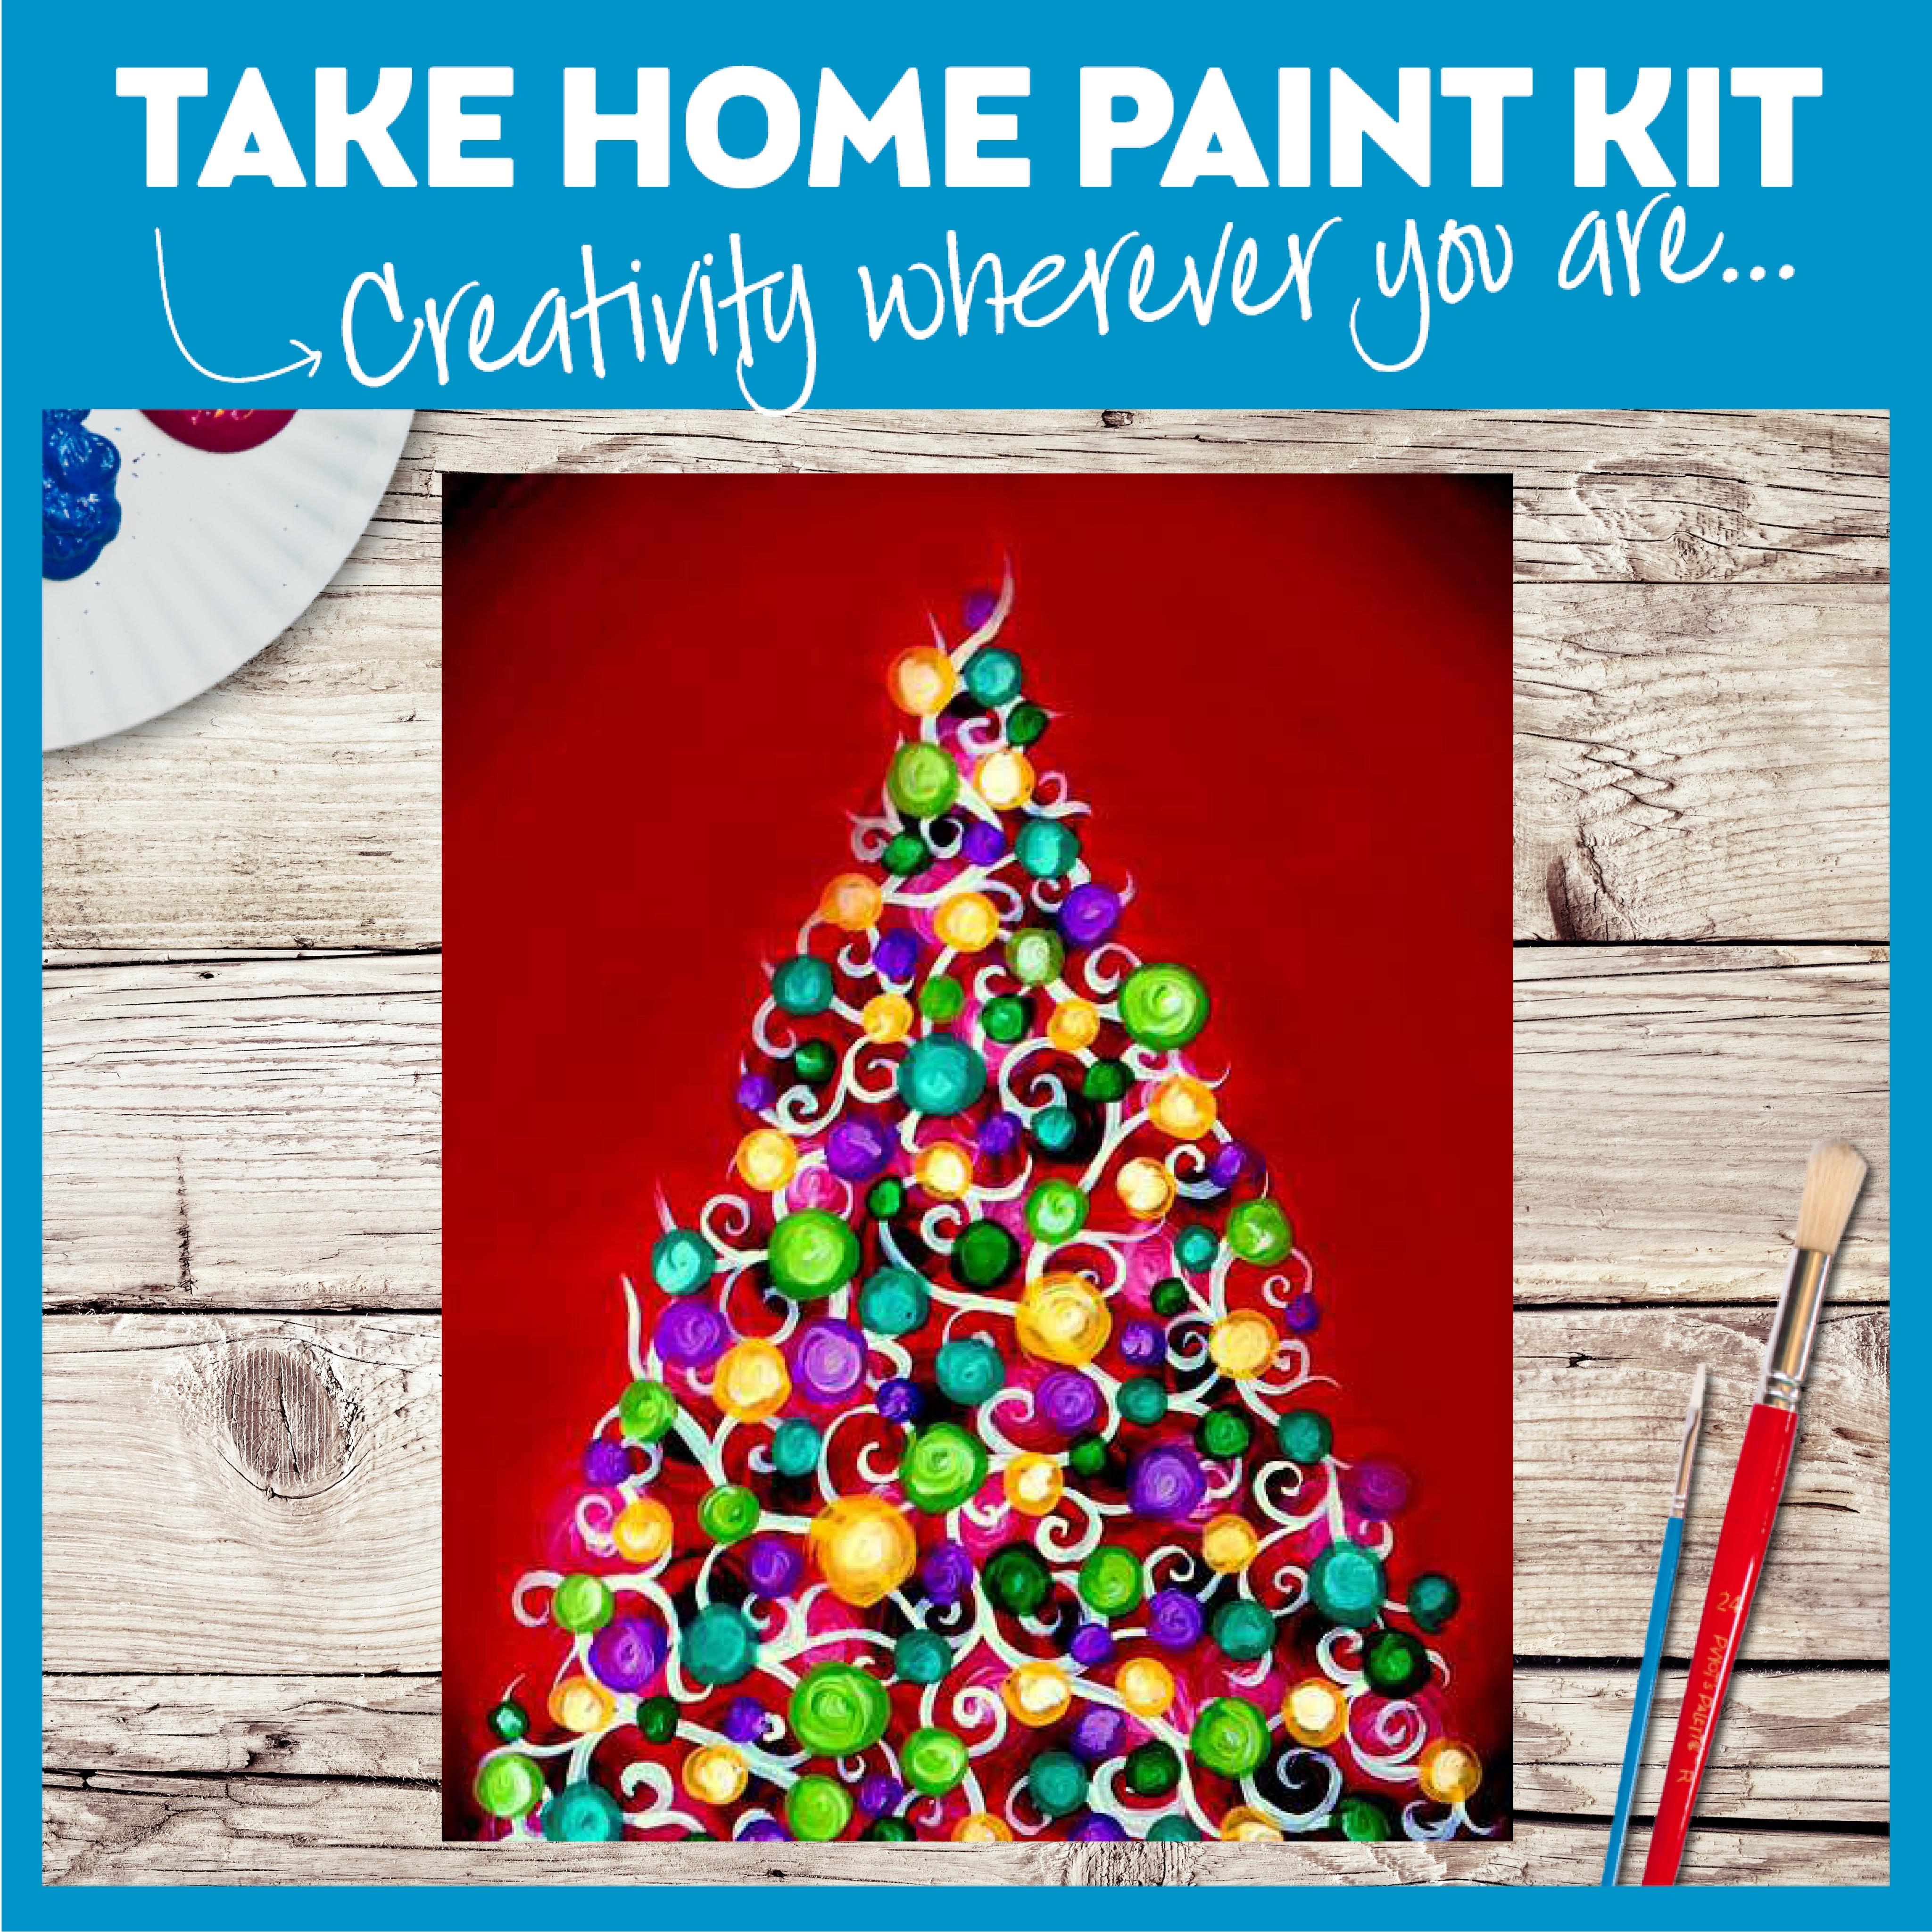 https://studio.pinotspalette.com/cherrystreet/images/jollychristmaslightskit.jpg